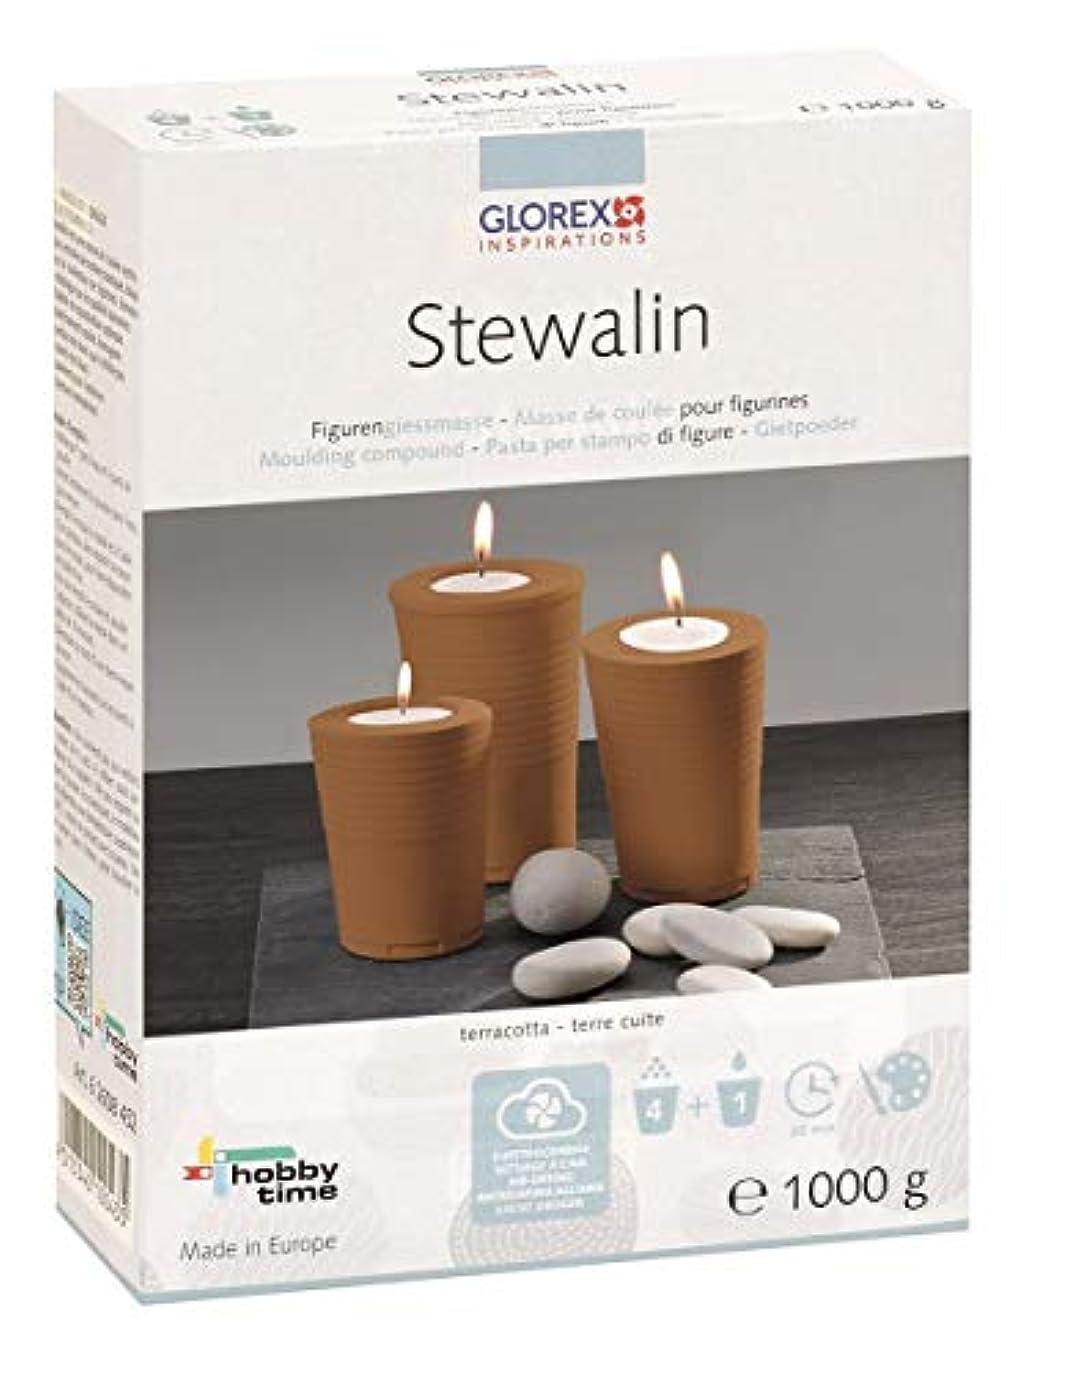 歴史直径可動Glorex Stewalin、モデルクレイ、テラコッタ、18 x 13.4 X 5.4 CMです